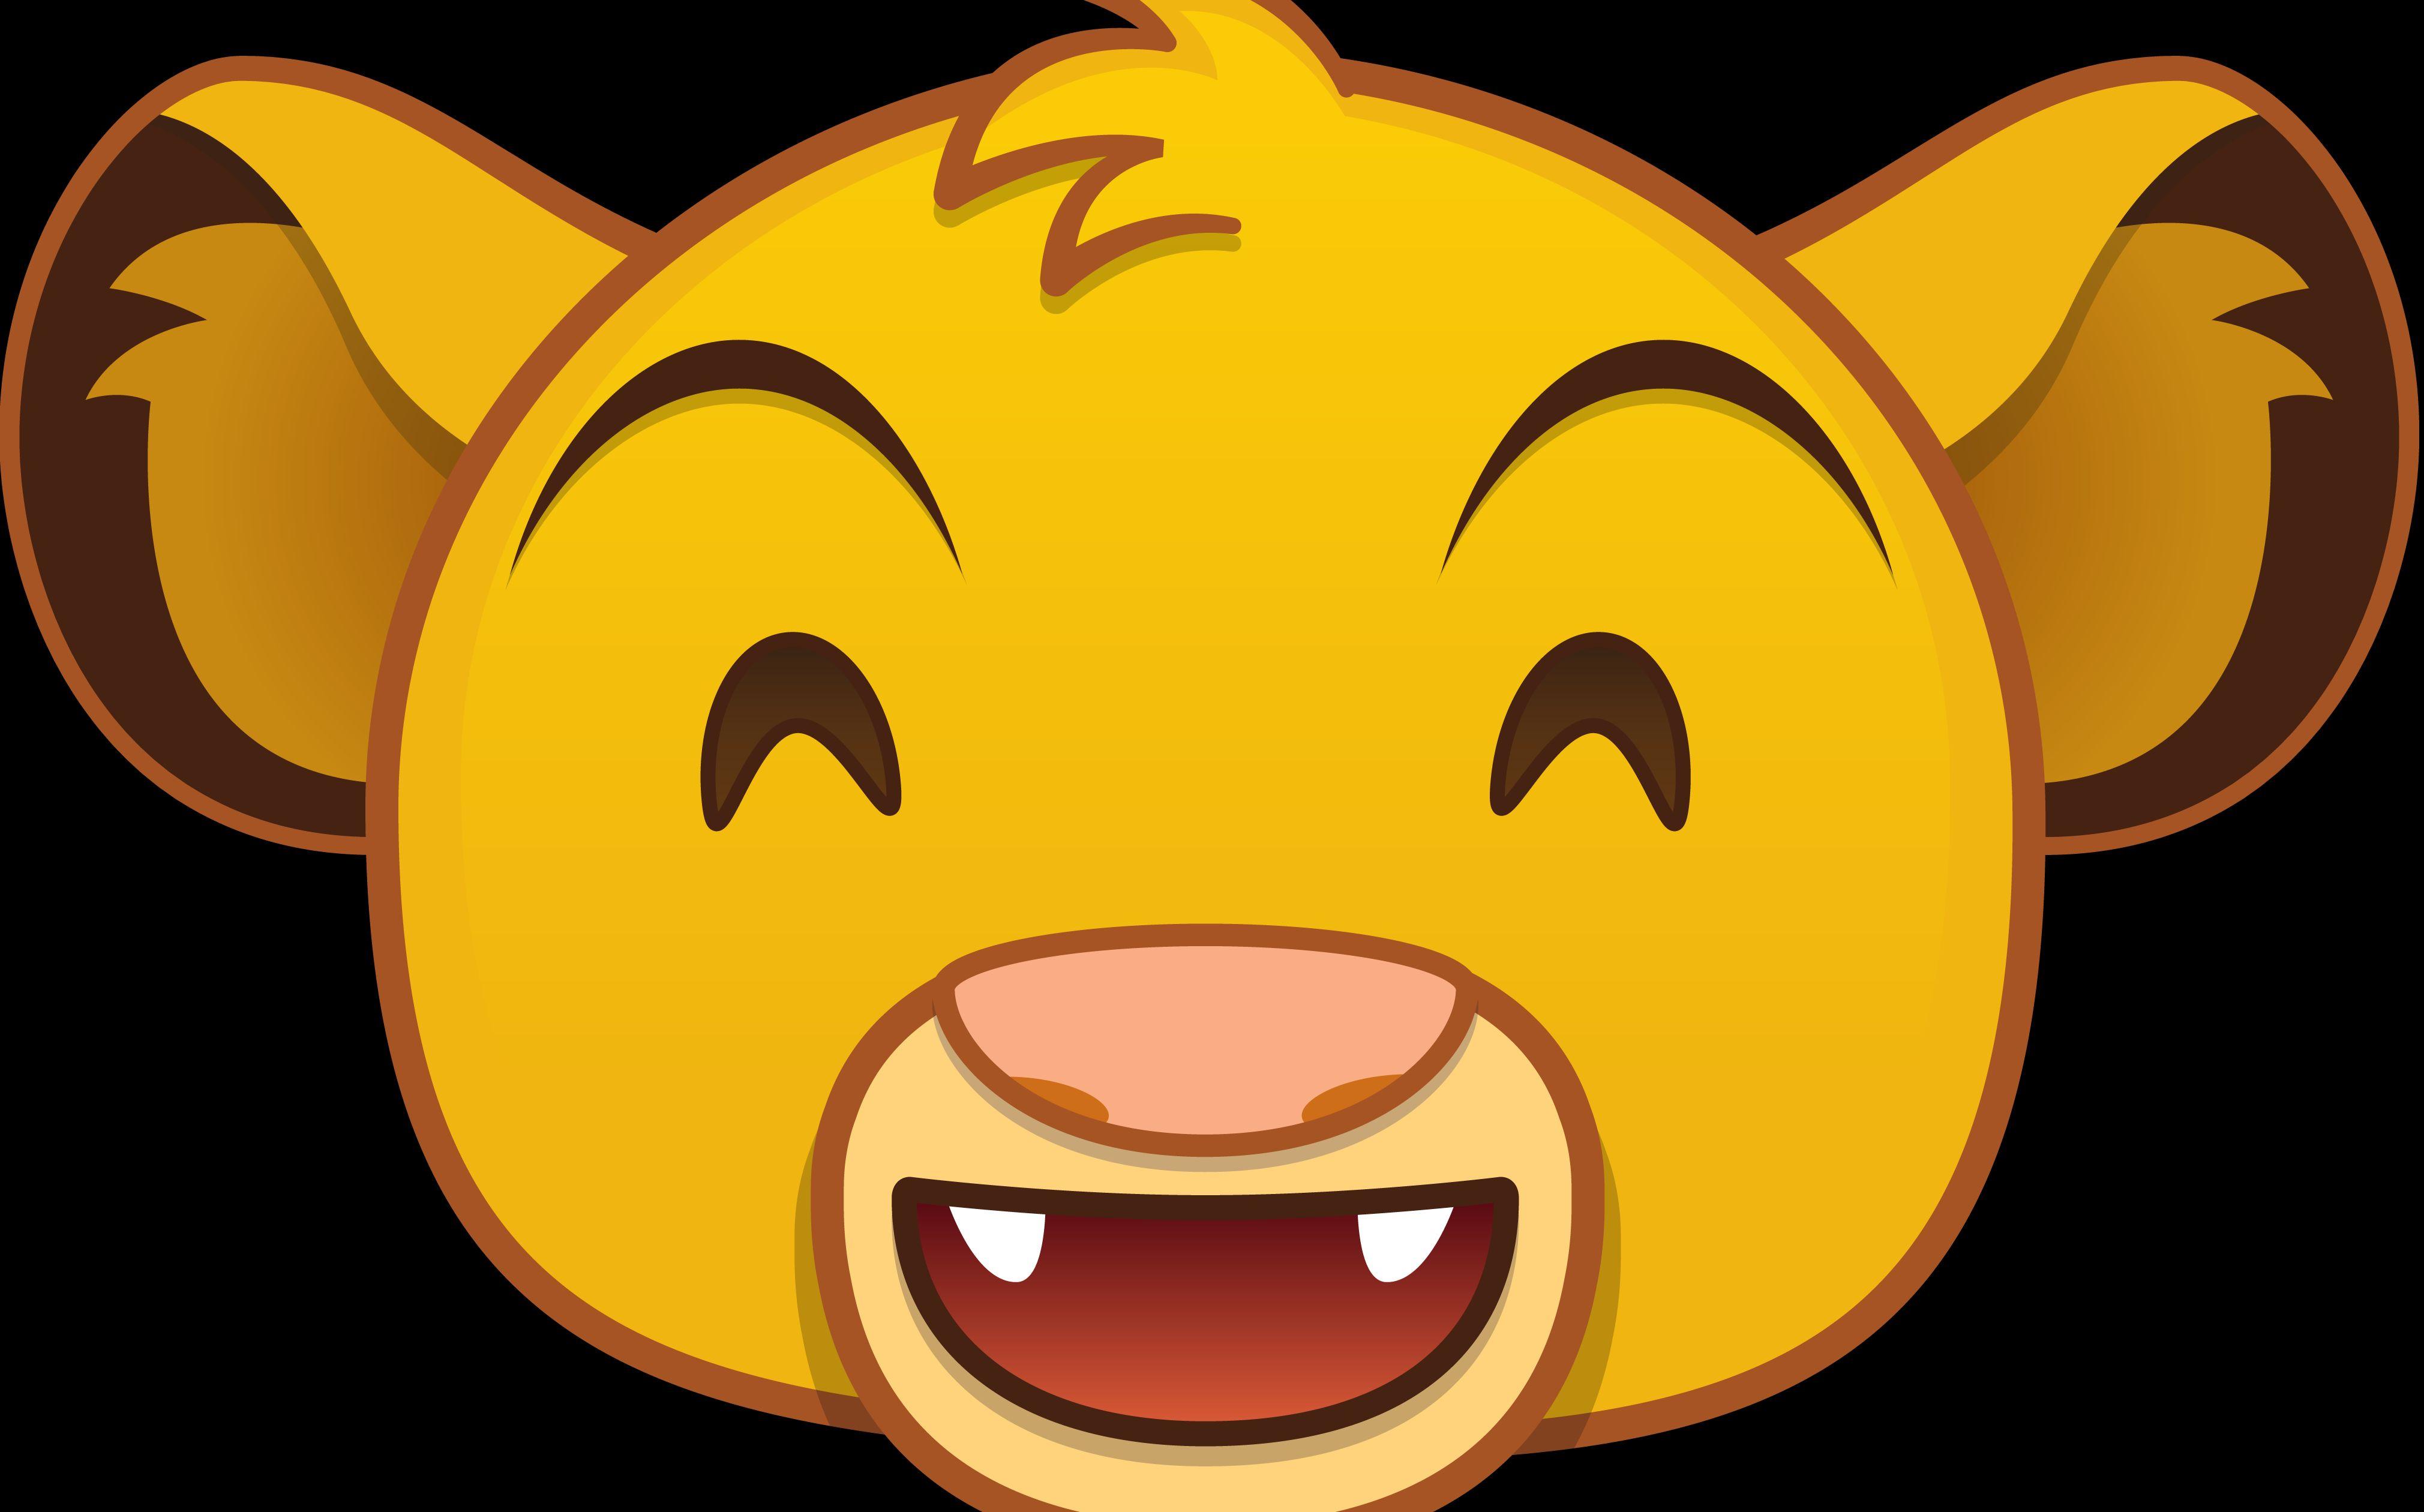 【1080p】用emoji表情包打开【迪士尼】动画电影合集图片